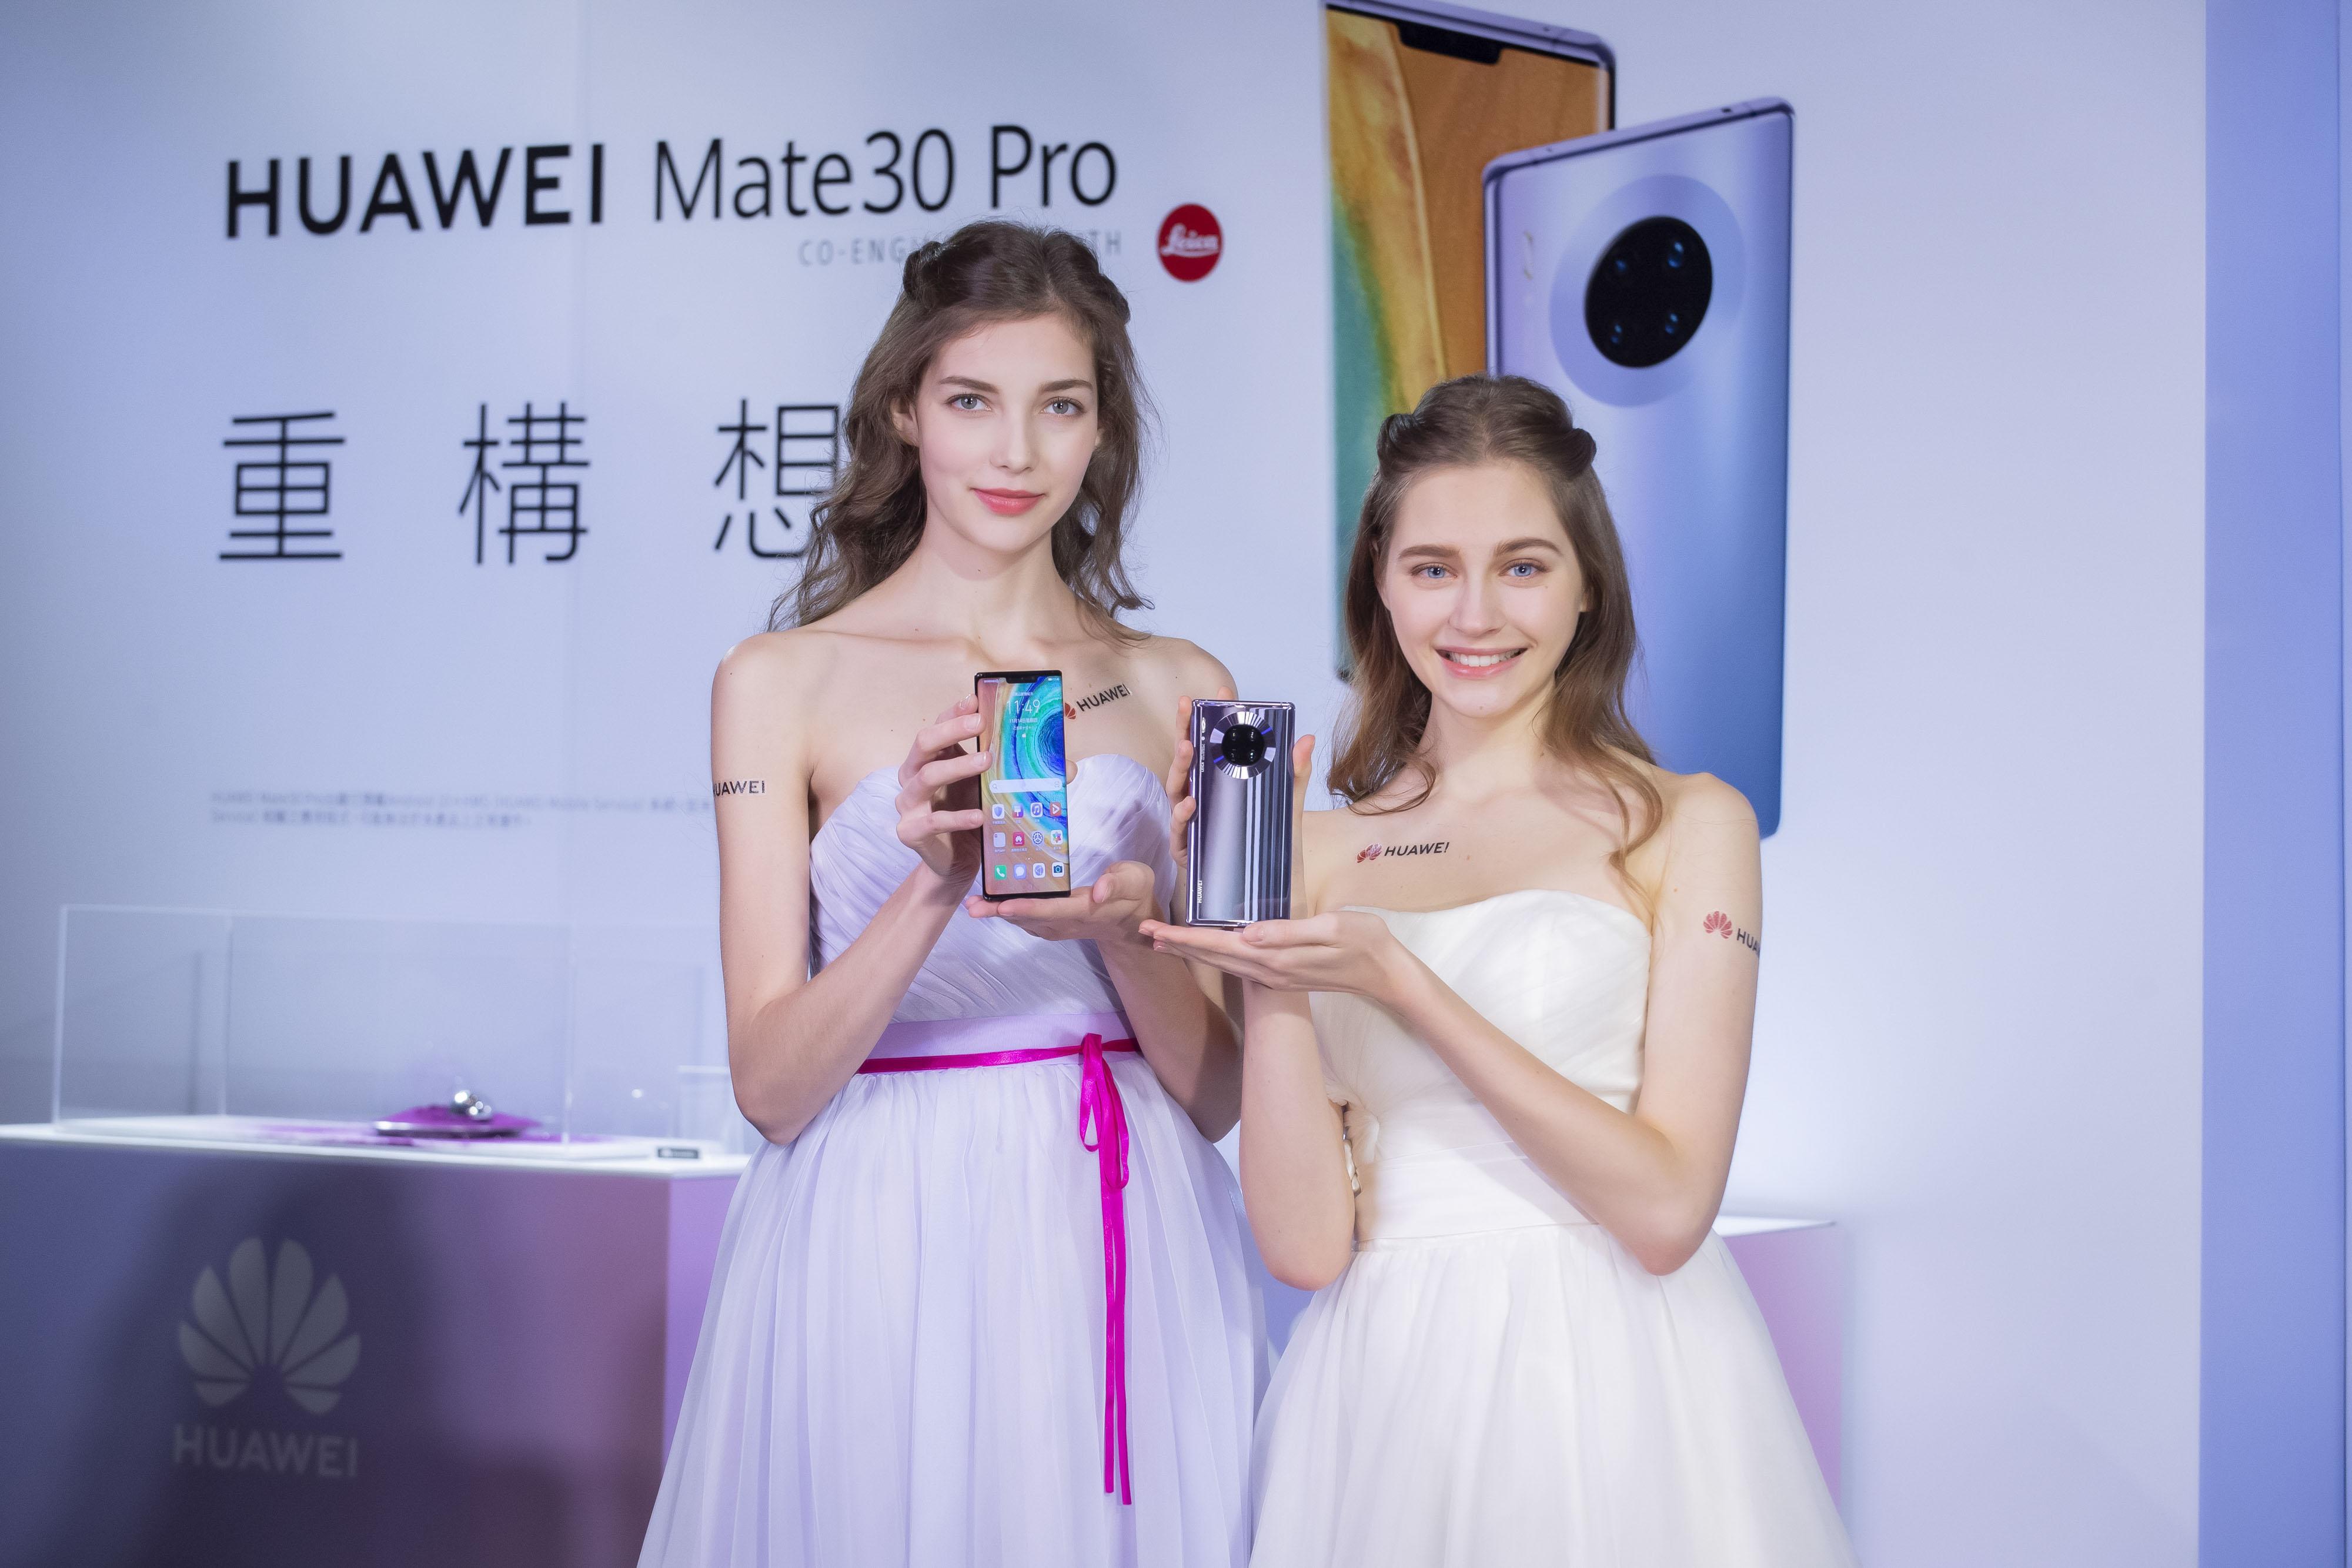 HUAWEI】HUAWEI Mate30 Pro 暨 全場景生活圈記者會_現場照片1